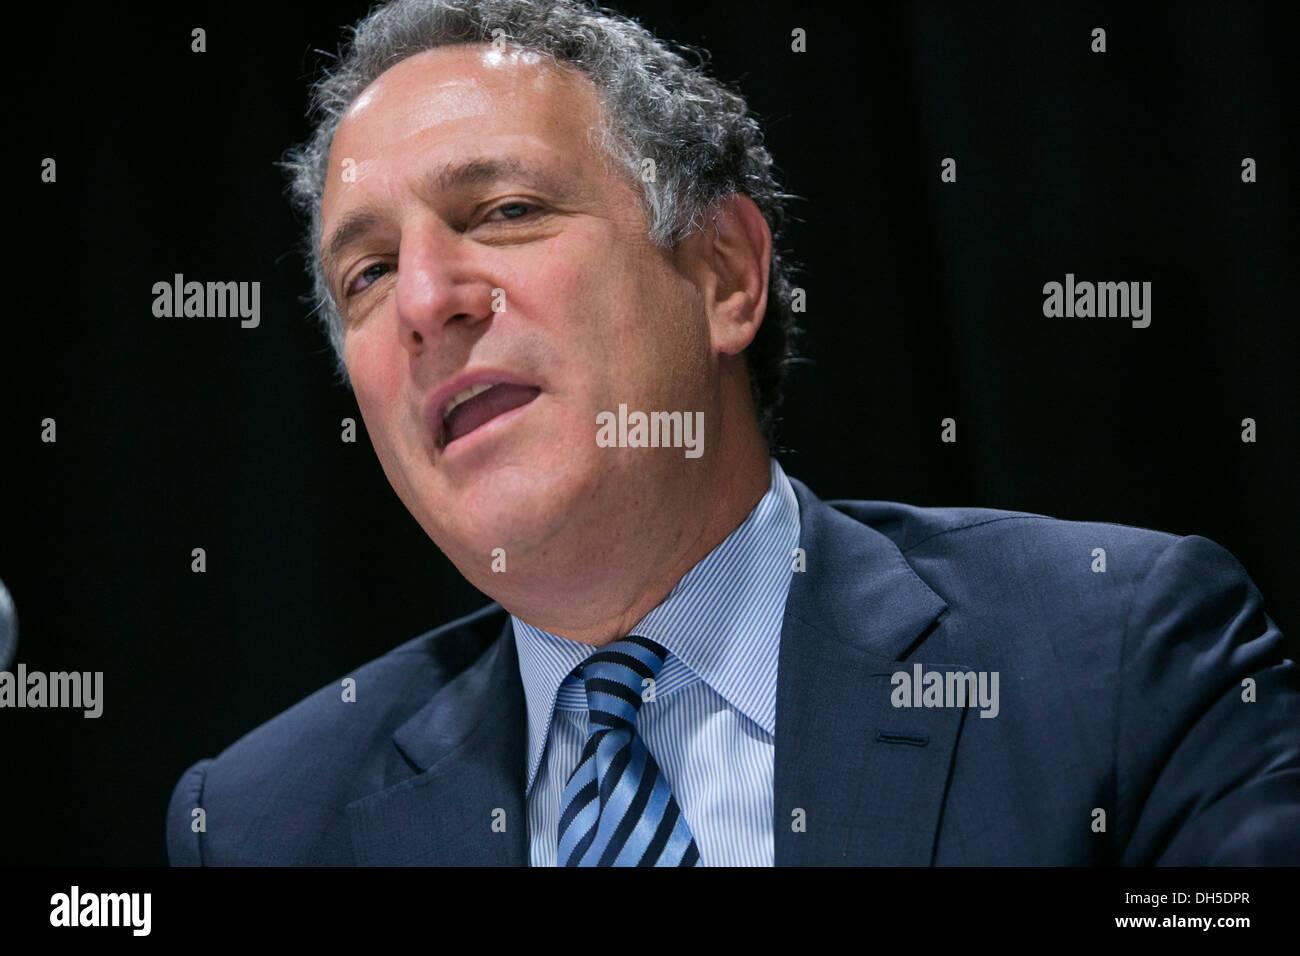 Dan Doctoroff, CEO of Bloomberg L.P. - Stock Image